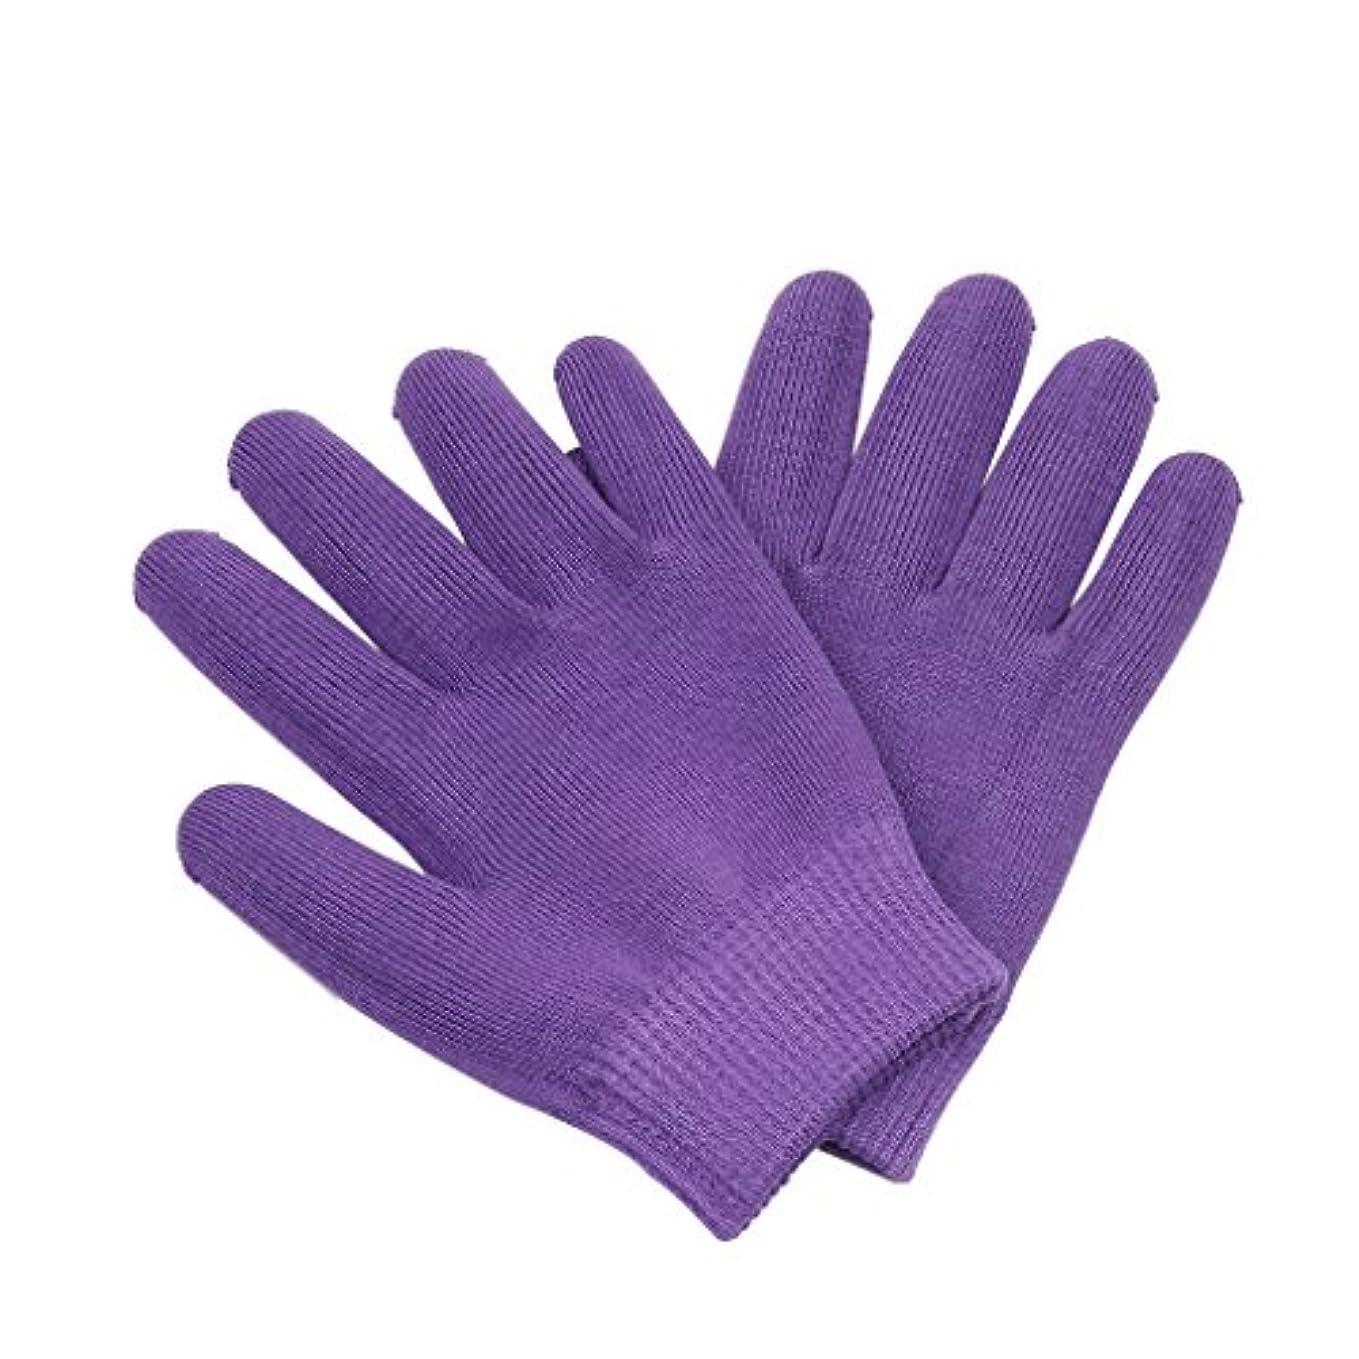 文房具コンピューター肺Lovoski 保湿手袋 おやすみ手袋 手袋 手湿疹 乾燥防止 手荒れ 保湿 スキンケア  メンズ レディース 全3色選べ - 紫